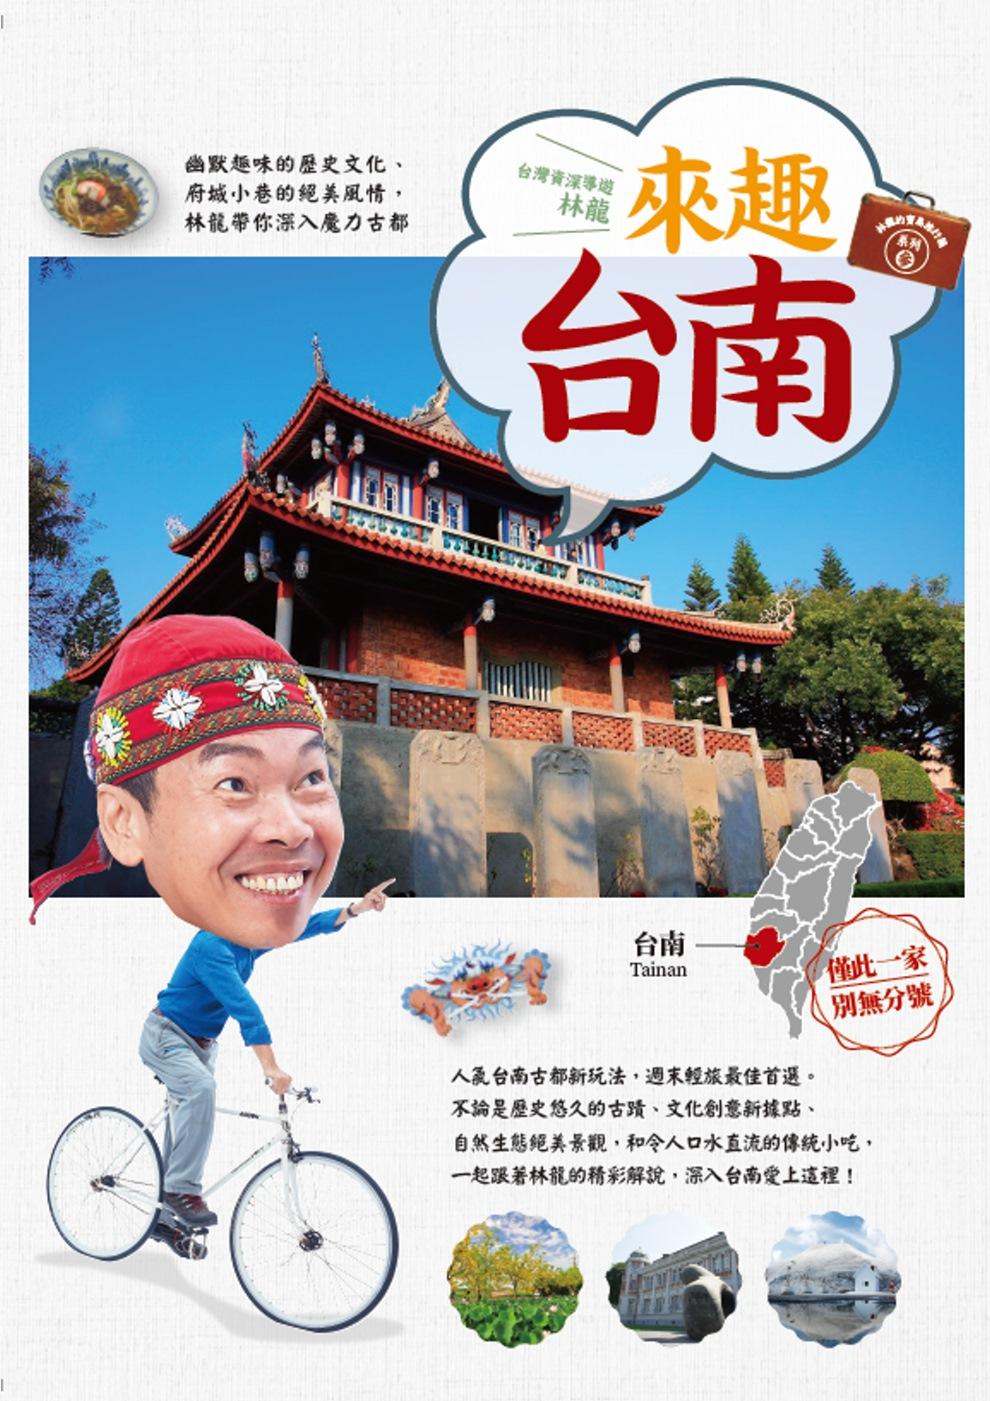 林龍的寶島旅行箱系列 3 來趣台南:幽默趣味的歷史文化、府城小巷的絕美風情,林龍帶你深入魔力古都